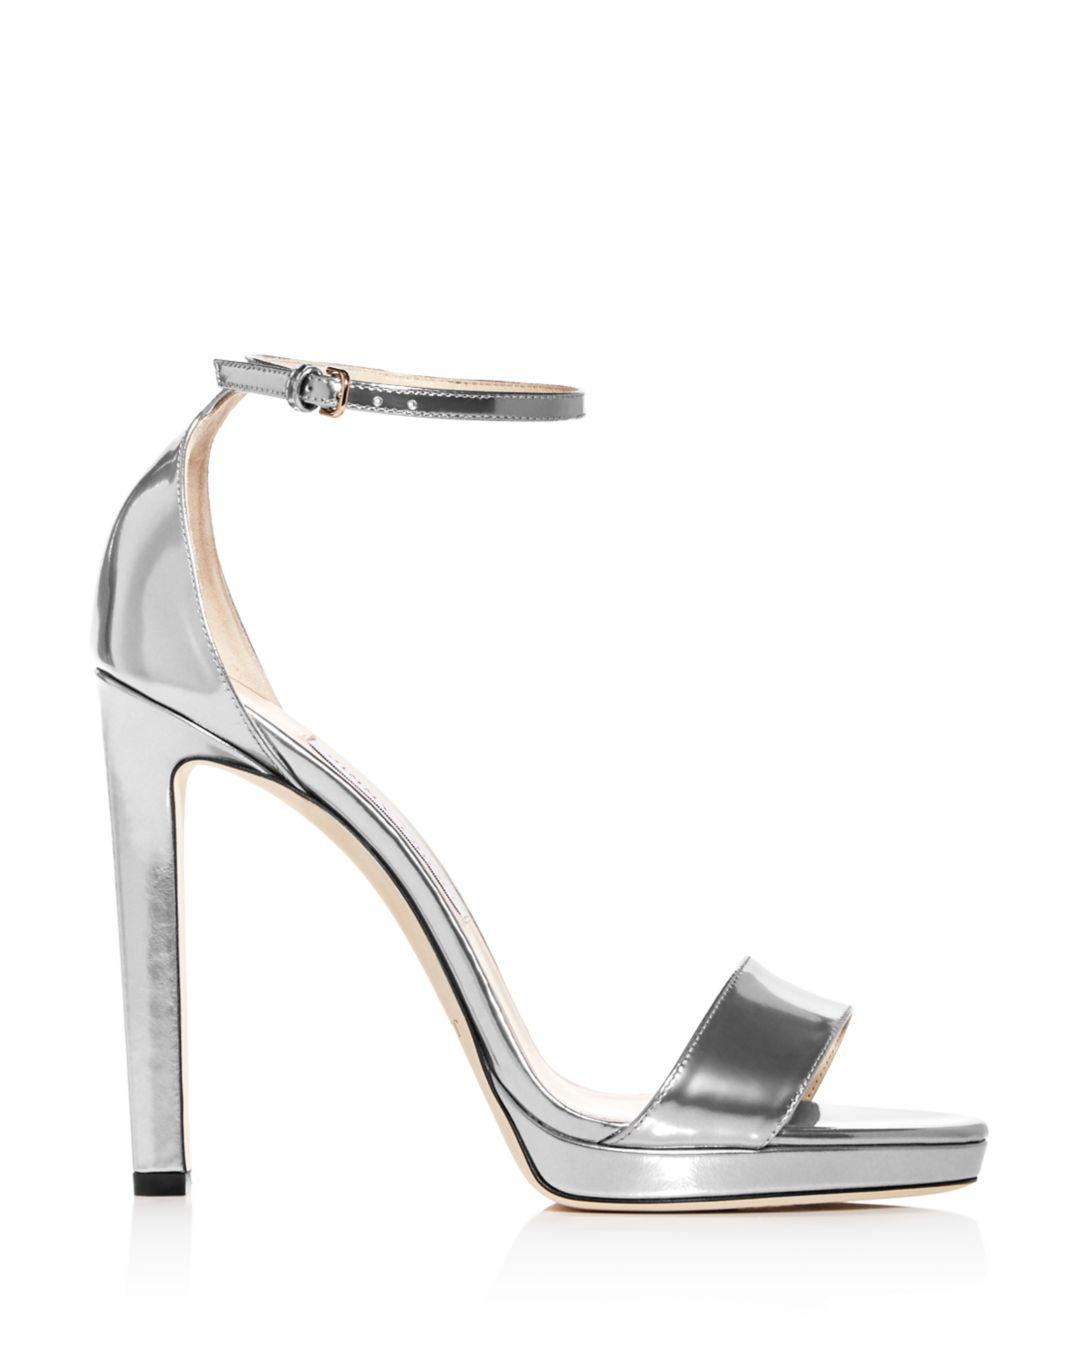 0f20990083a Lyst - Jimmy Choo Women s Misty 120 Ankle Strap High-heel Sandals in  Metallic